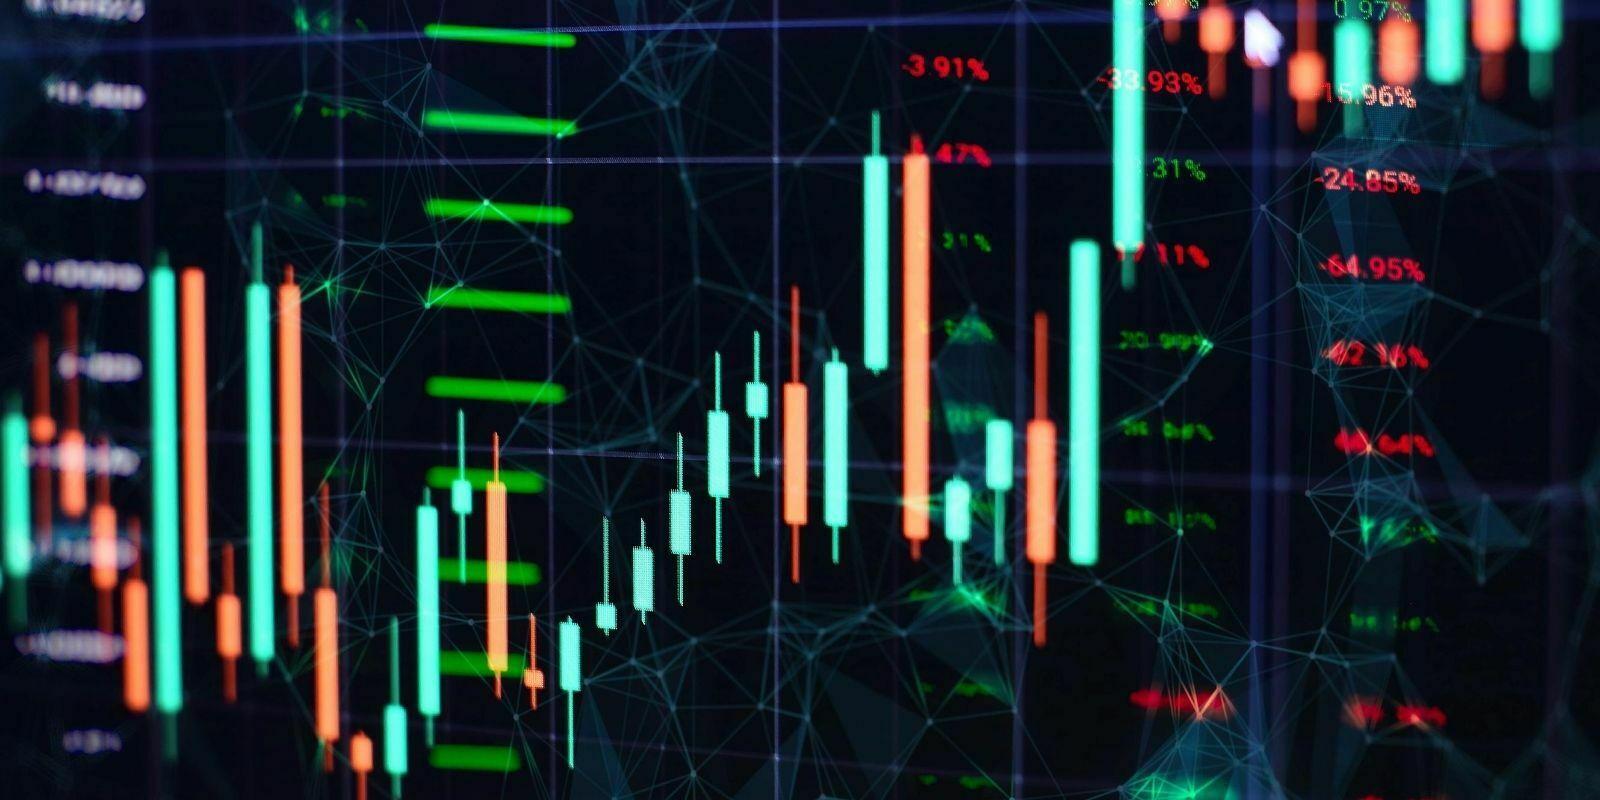 Le Bitcoin (BTC) et l'Ether (ETH) consolident, tandis que le LINK décolle